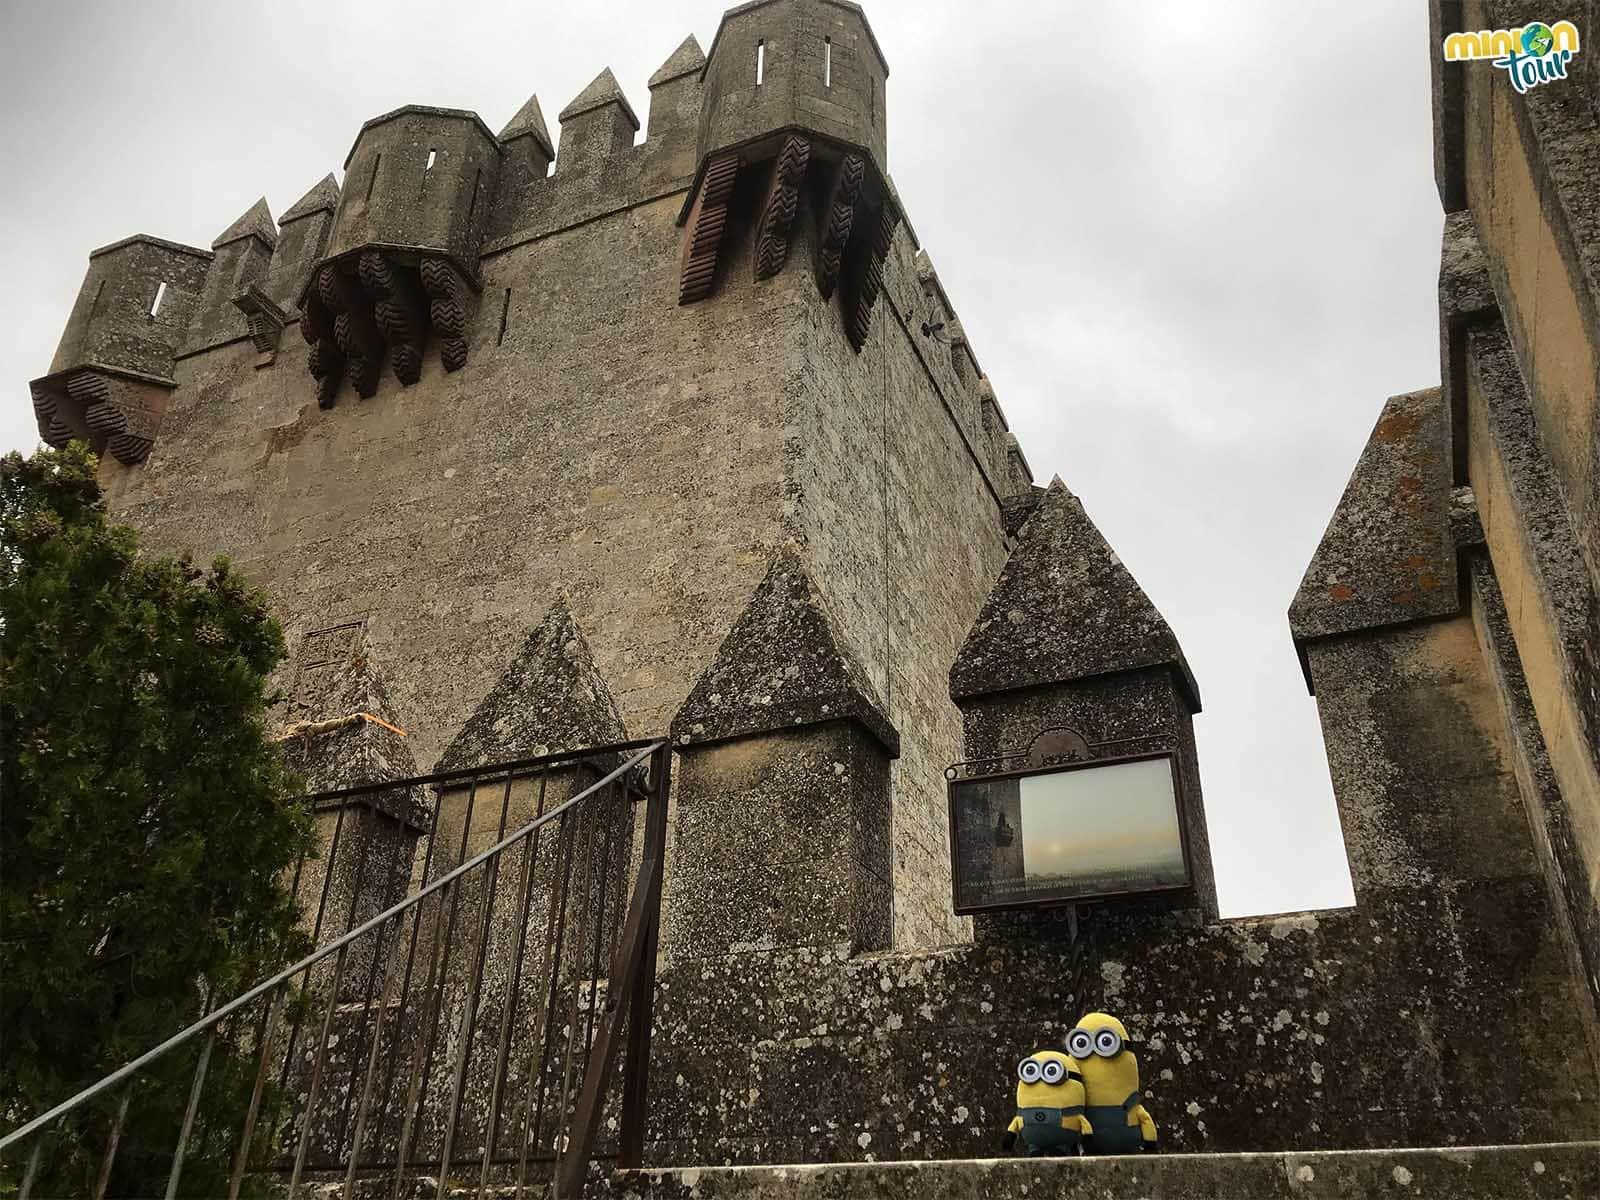 La Torre del Homenaje del Castillo de Almodóvar